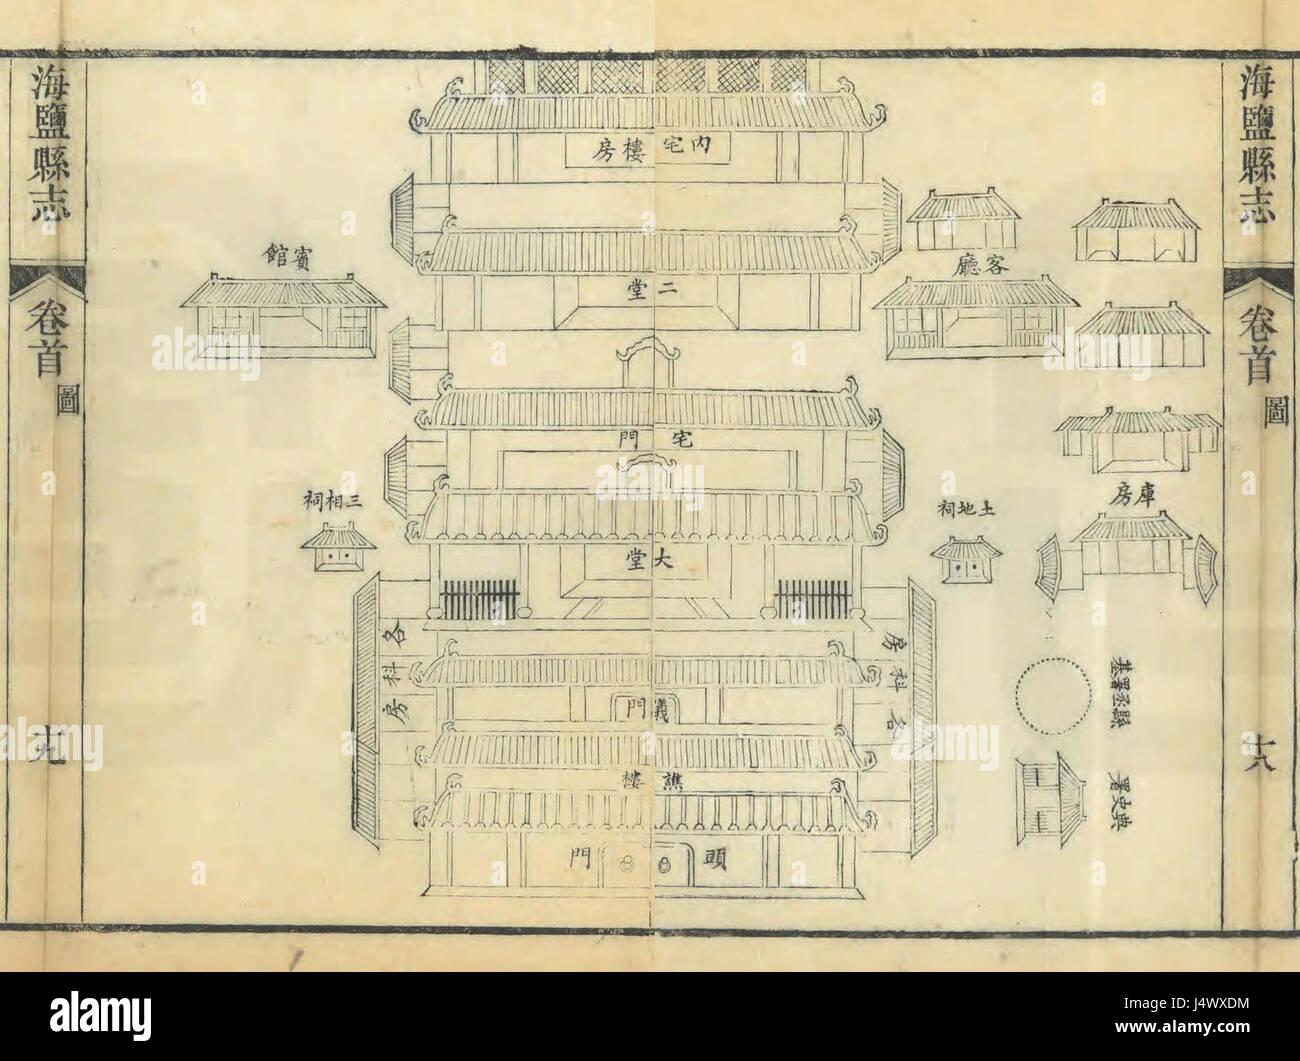 Kreisverwaltung von Haiyan im Jahre 1877 Stockfoto, Bild ... on